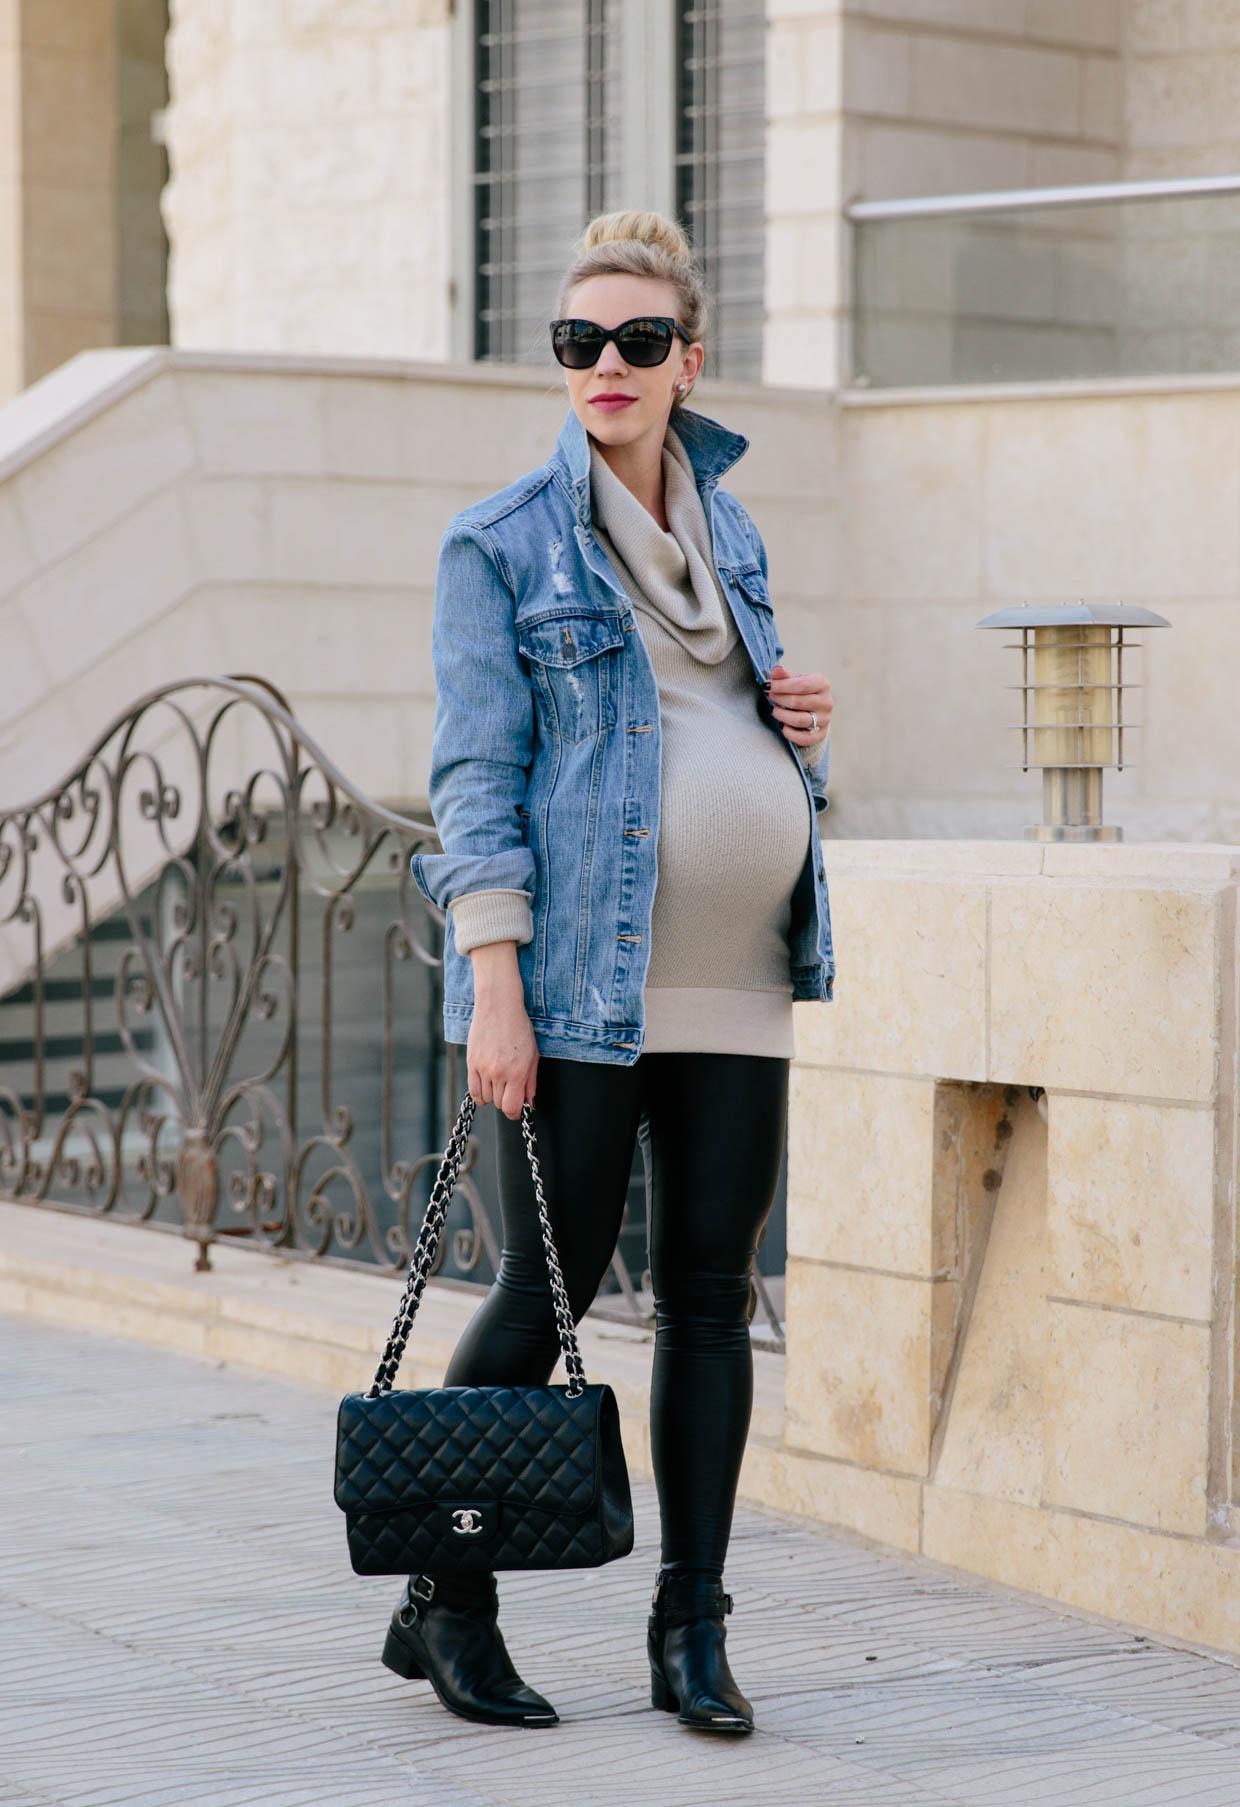 38 Weeks Pregnancy Style & Shopbop Sale Alert